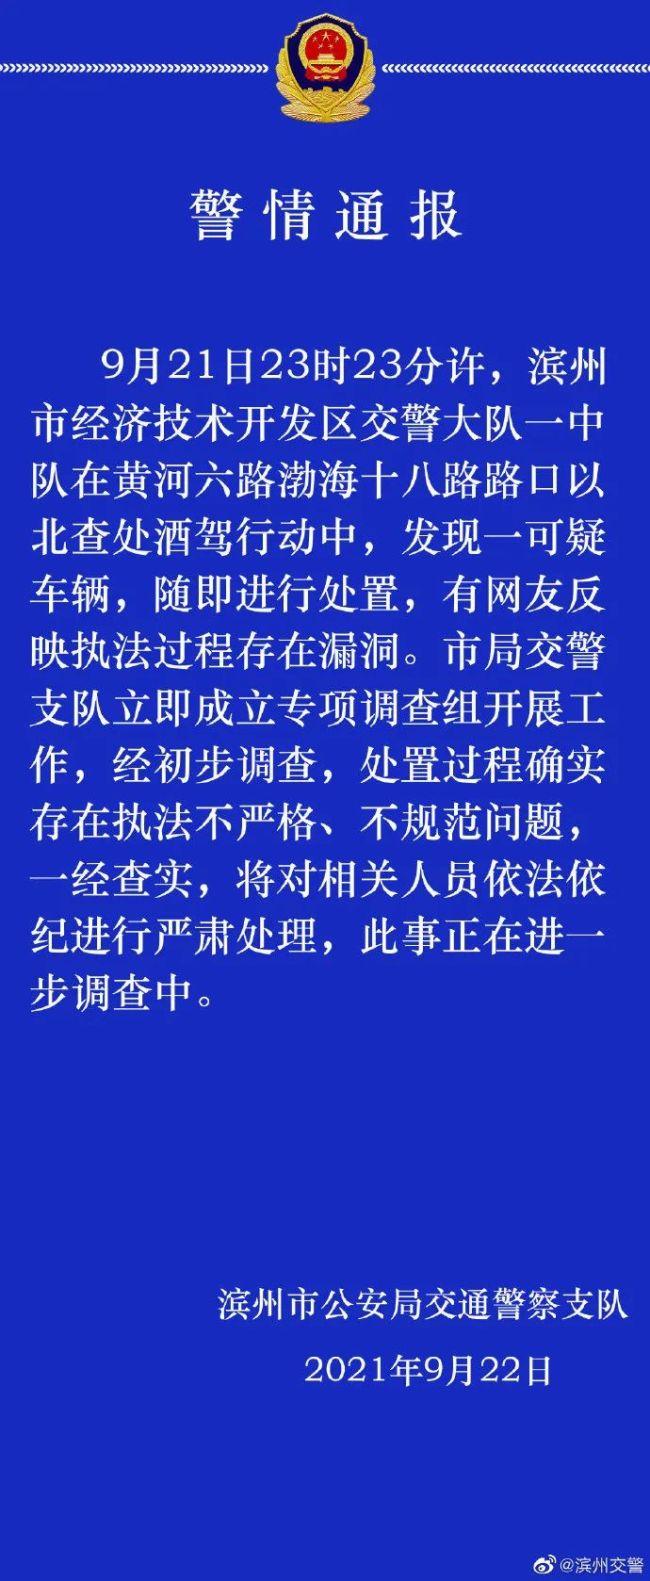 """执法不严格、不规范!滨州交警夜查酒驾直播时放行""""公安局""""人员"""